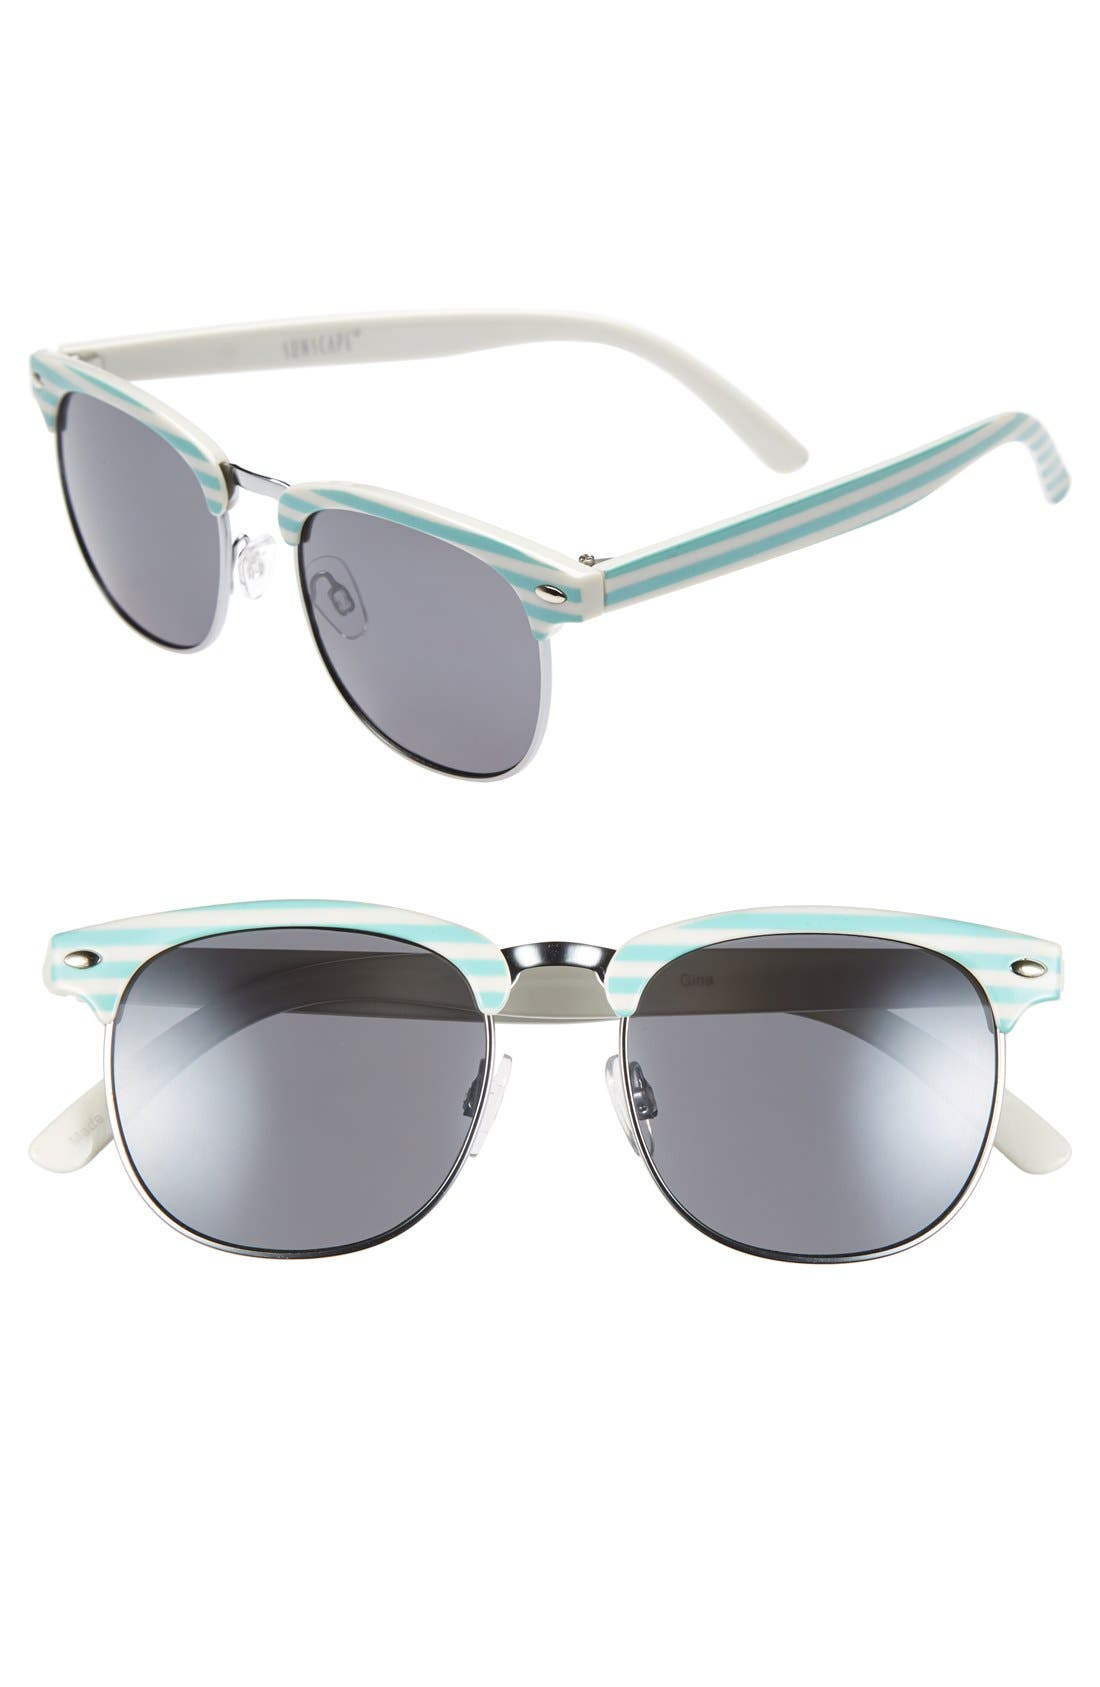 Alternate Image 1 Selected - BP. 'Club Master' 58mm Sunglasses (Juniors)